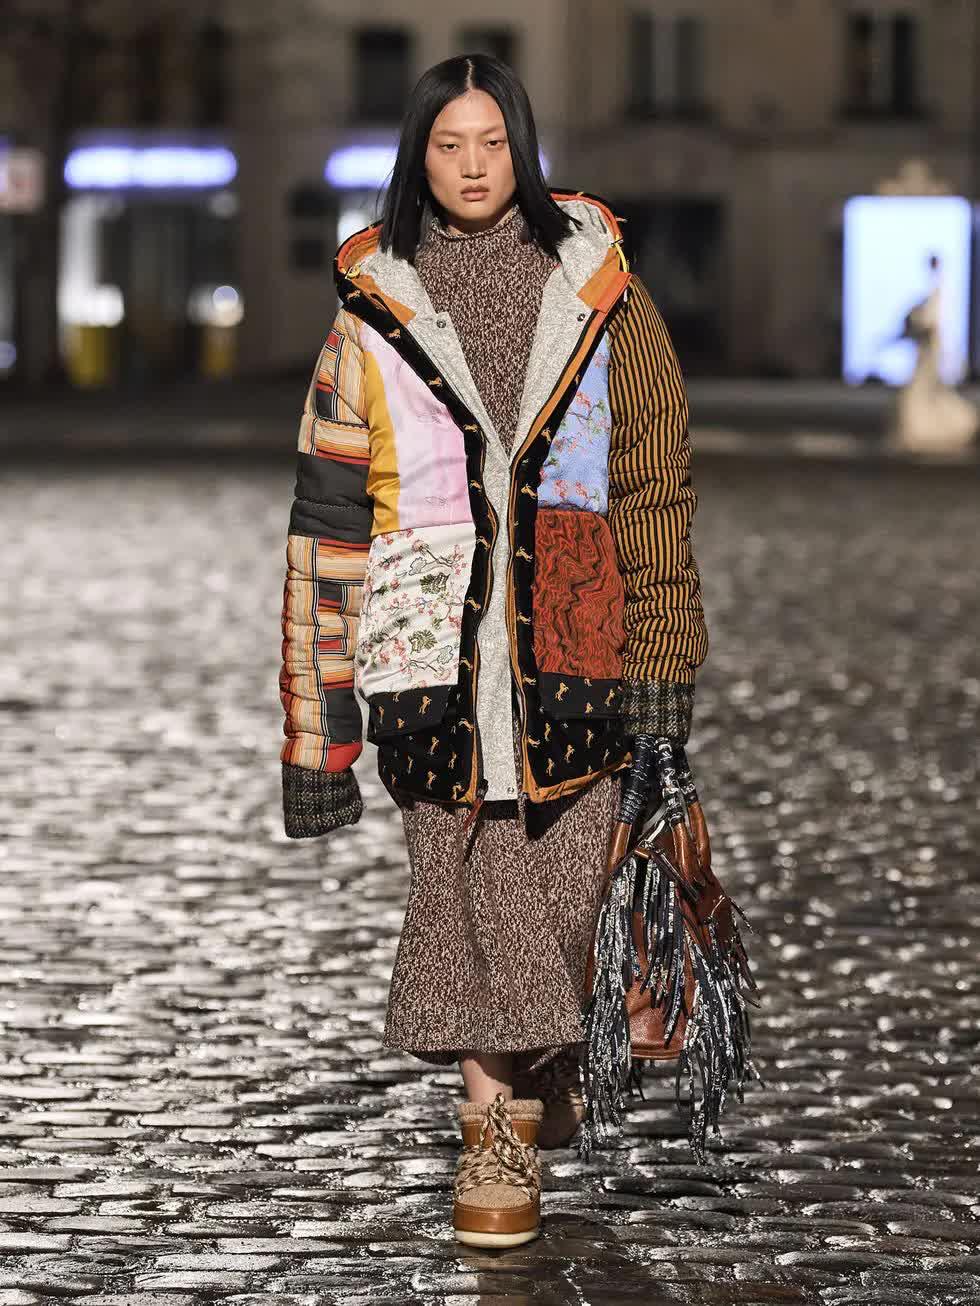 Xu hướng DIY quần áo đang trở thành trào lưu thịnh hành - hình ảnh 2